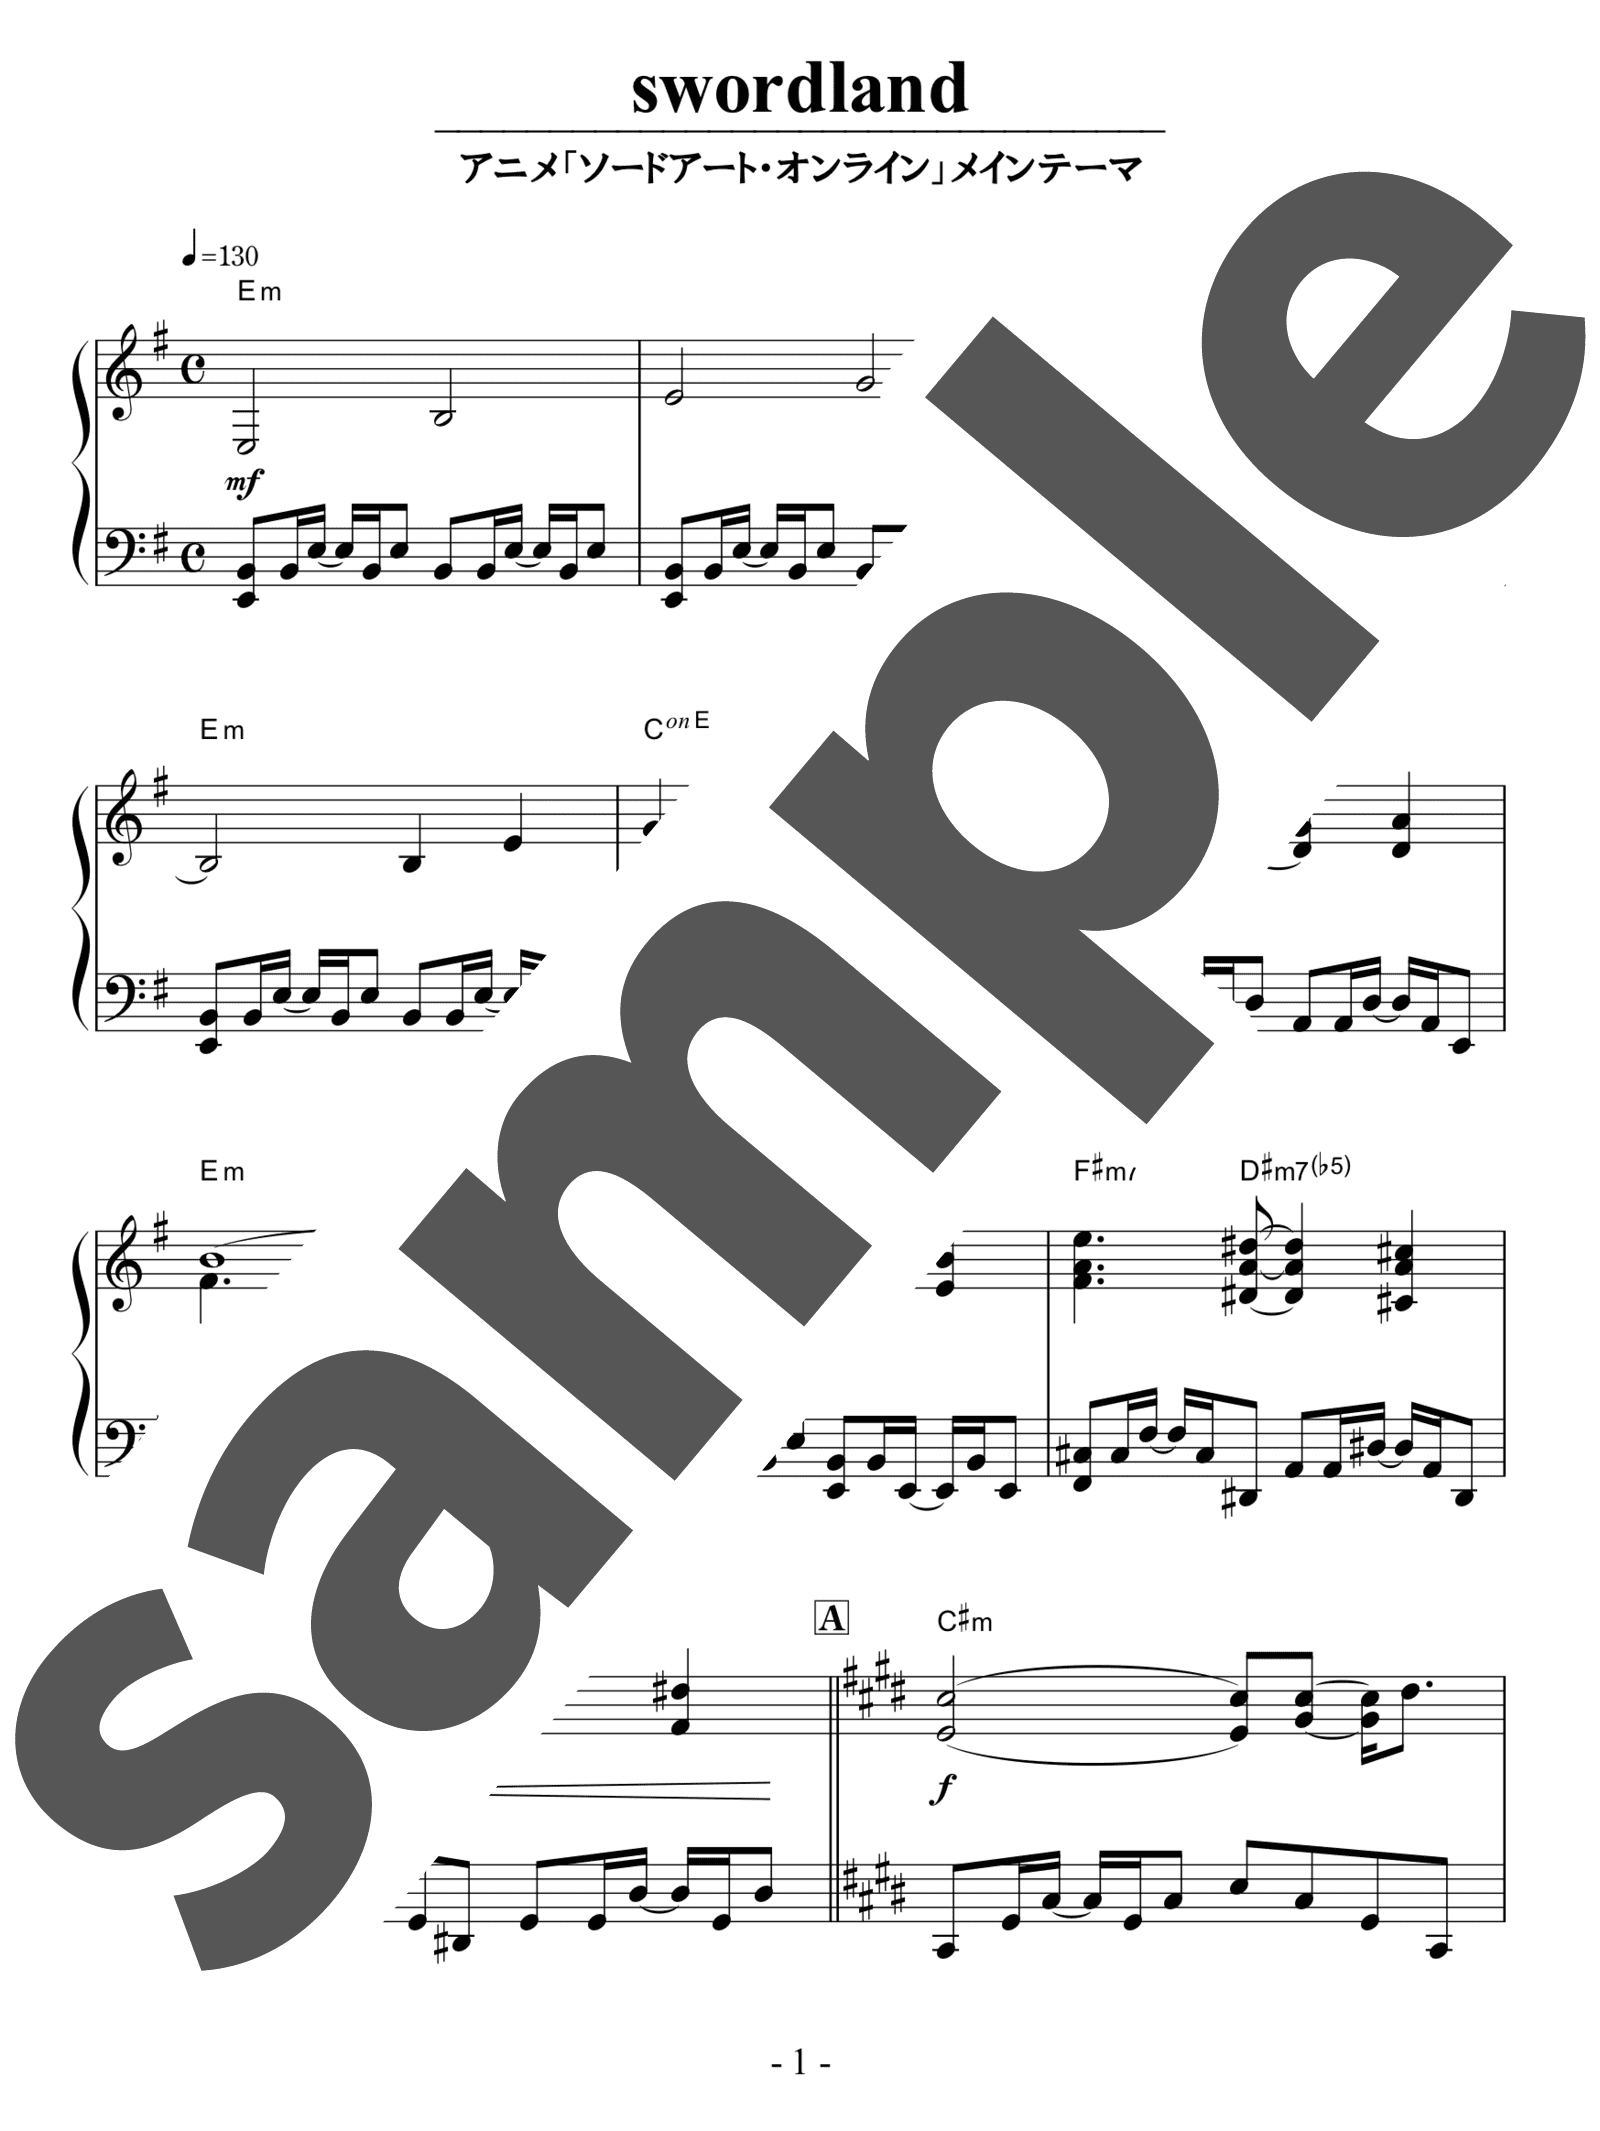 「swordland」のサンプル楽譜